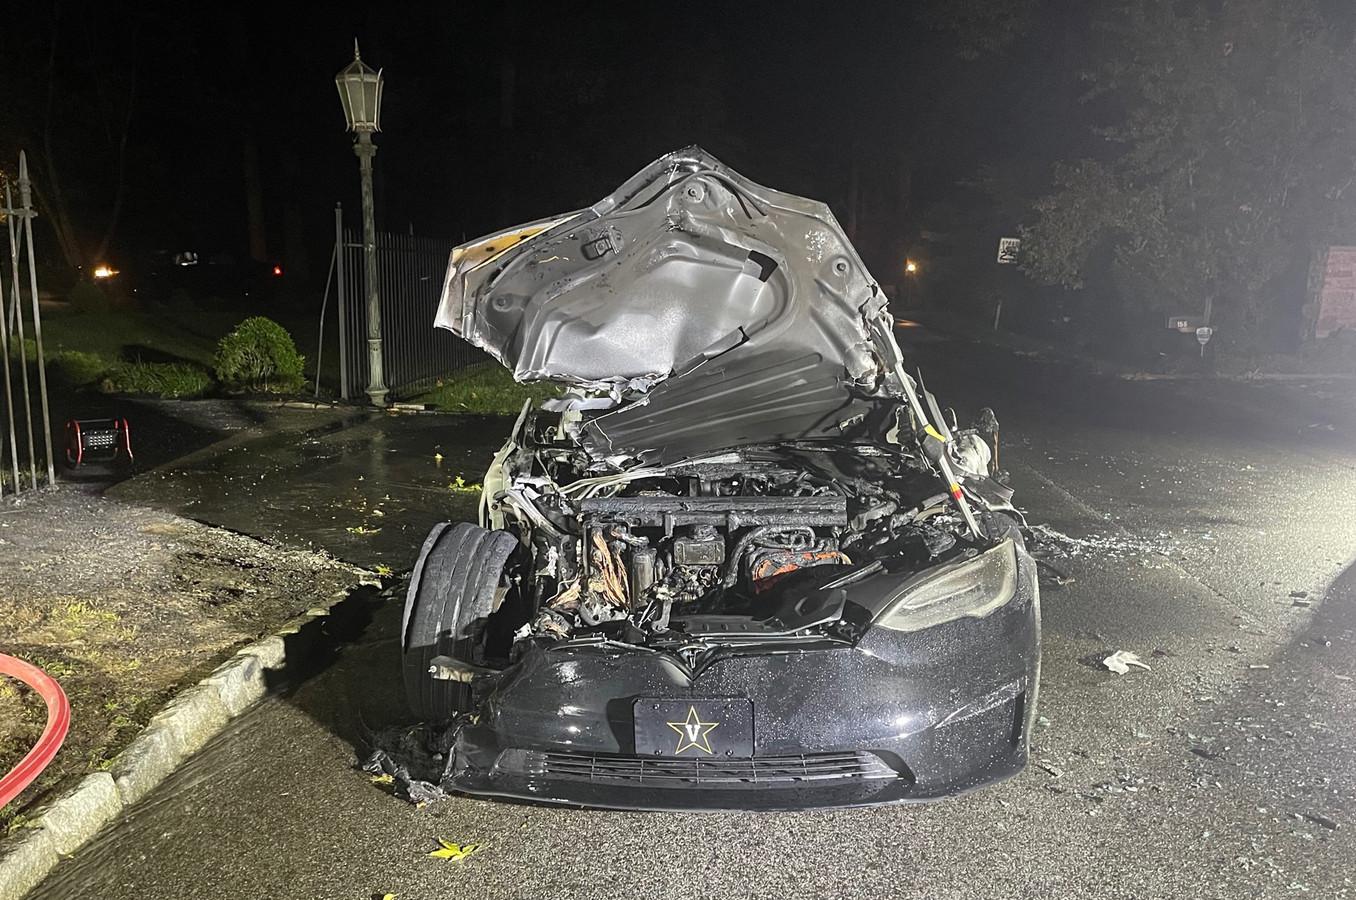 Het autobedrijf Tesla heeft de laatste jaren verschillende veranderingen aan het Model S Plaid doorgevoerd om het brandrisico te verkleinen. Toch blijven incidenten met de wagens niet uit.